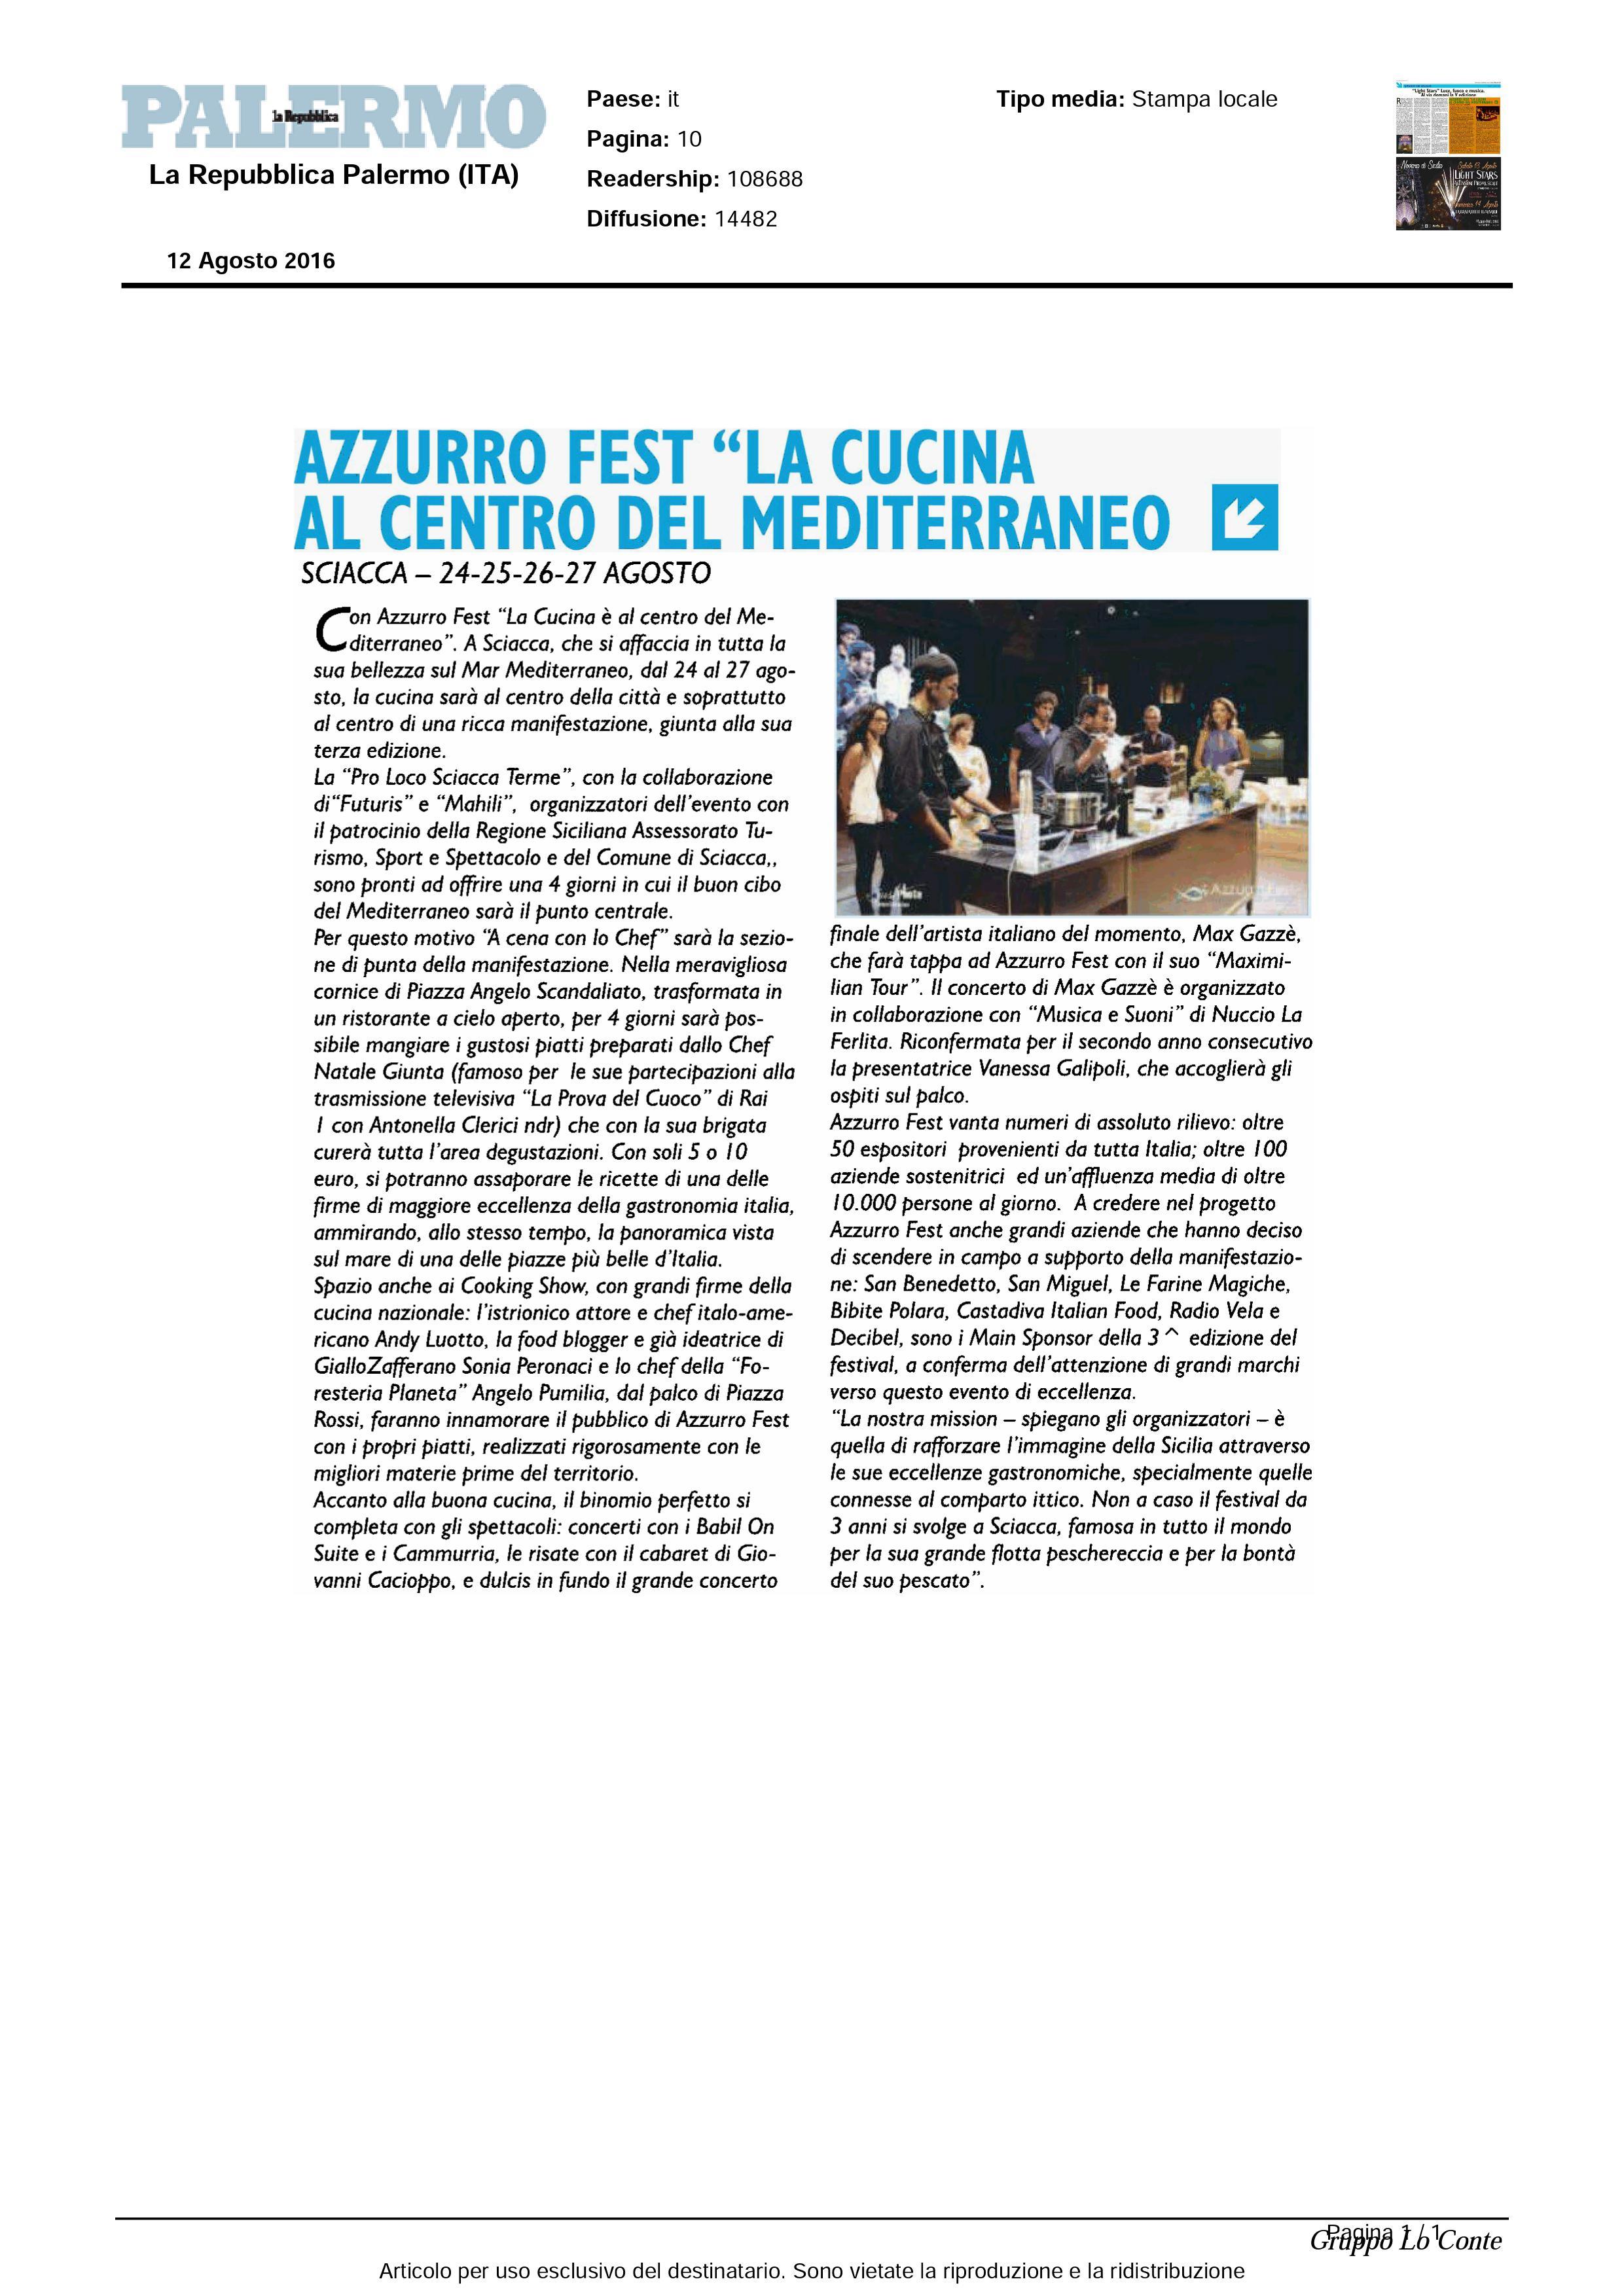 12.08.16 LaRepubblica Palermo